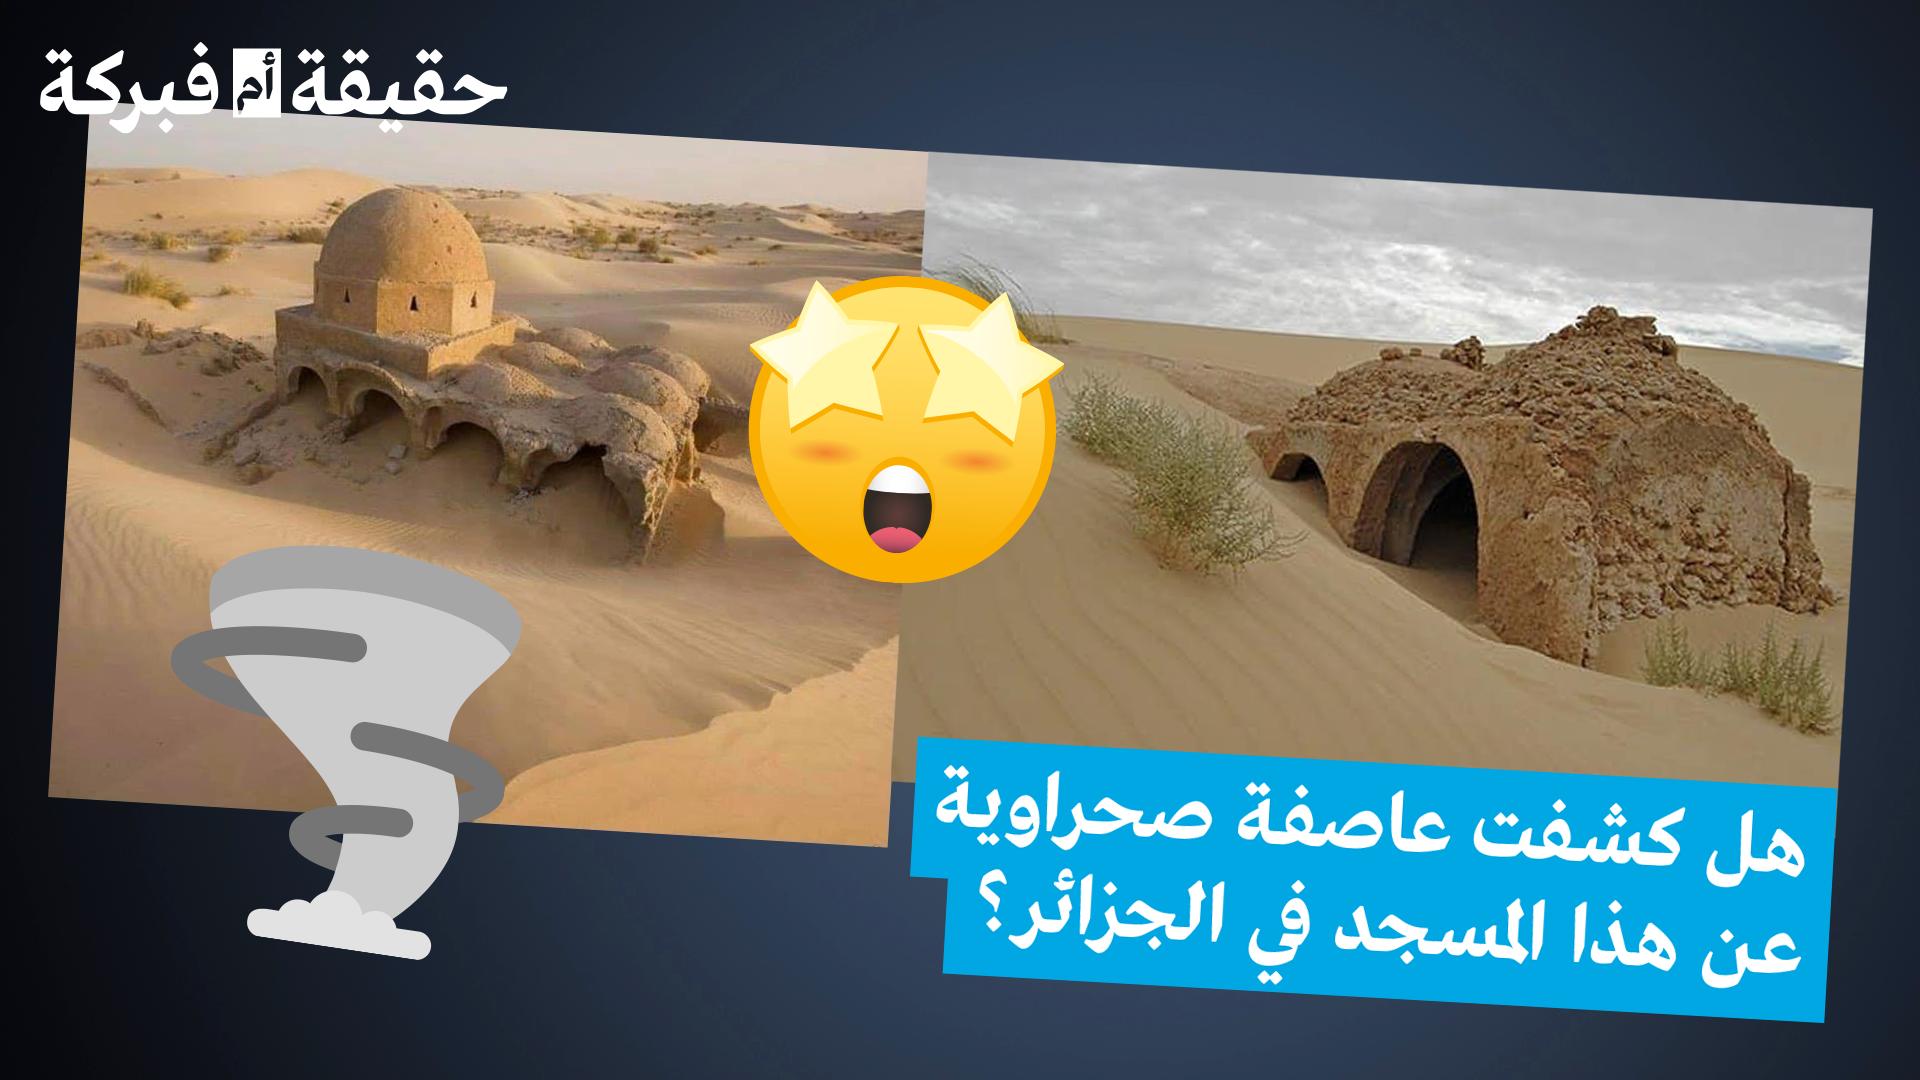 هل هذه الصور فعلا دليل على أن مسجدا مهجورا ظهر في الصحراء الجزائرية بعد عاصفة رملية ؟ إليكم القصة الحقيقية وراء هذه المزاعم.